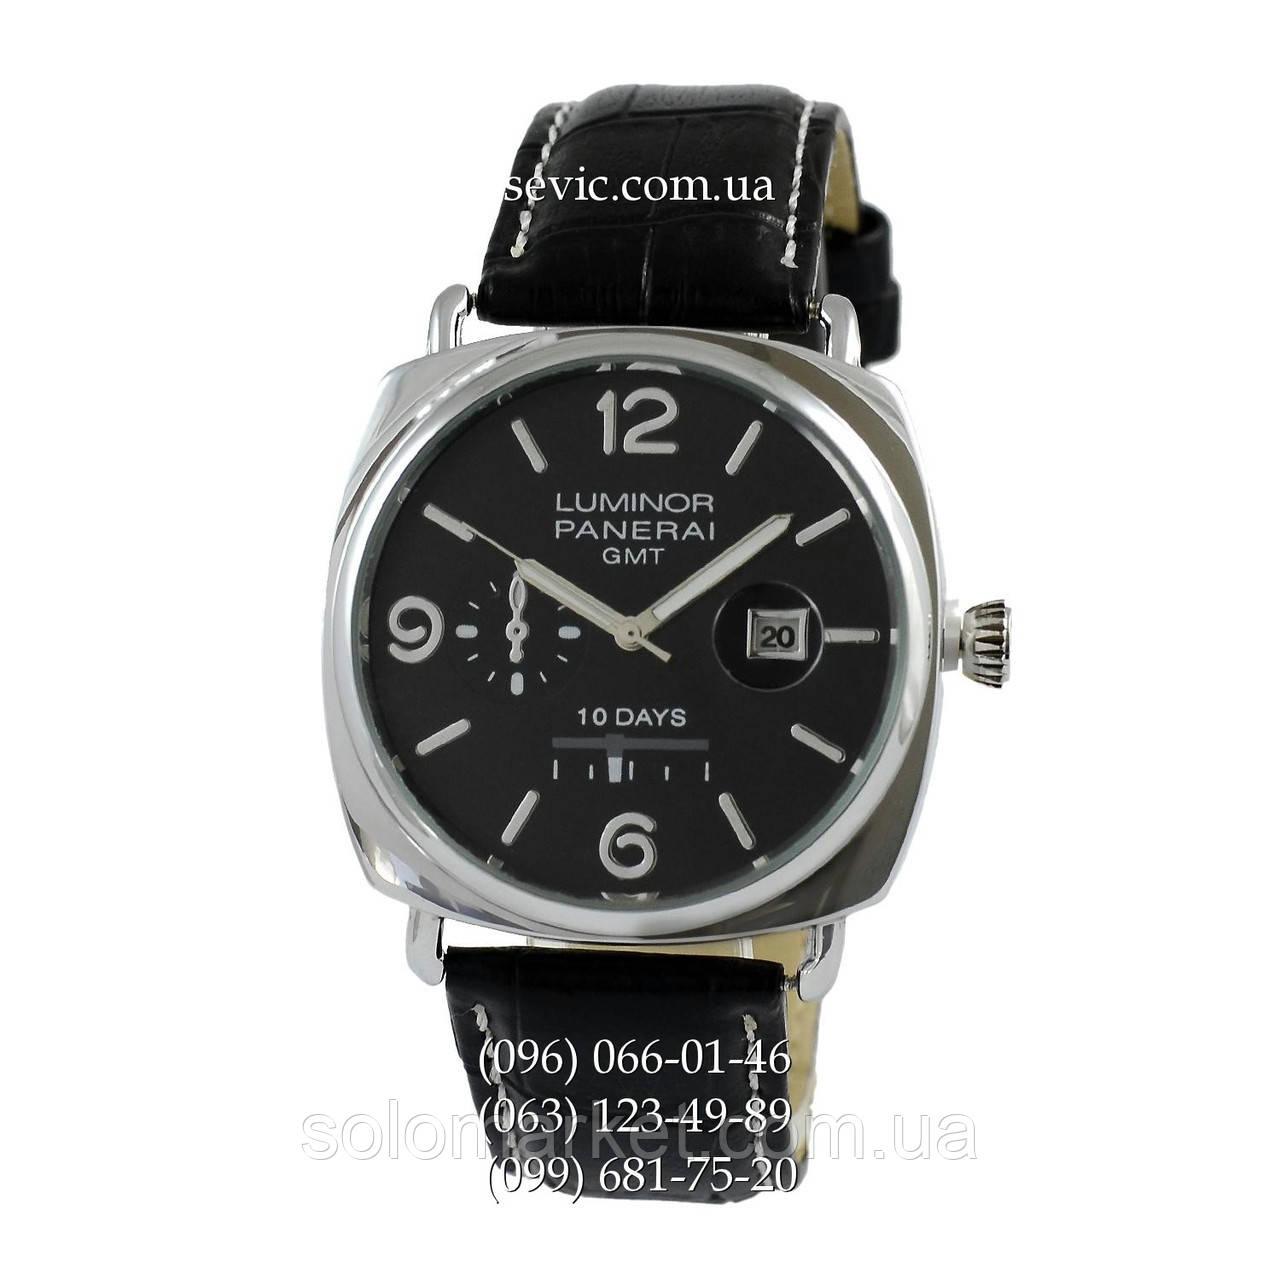 Часы мужские кварцевые купить в спб купить часы baume mercier geneve automatic